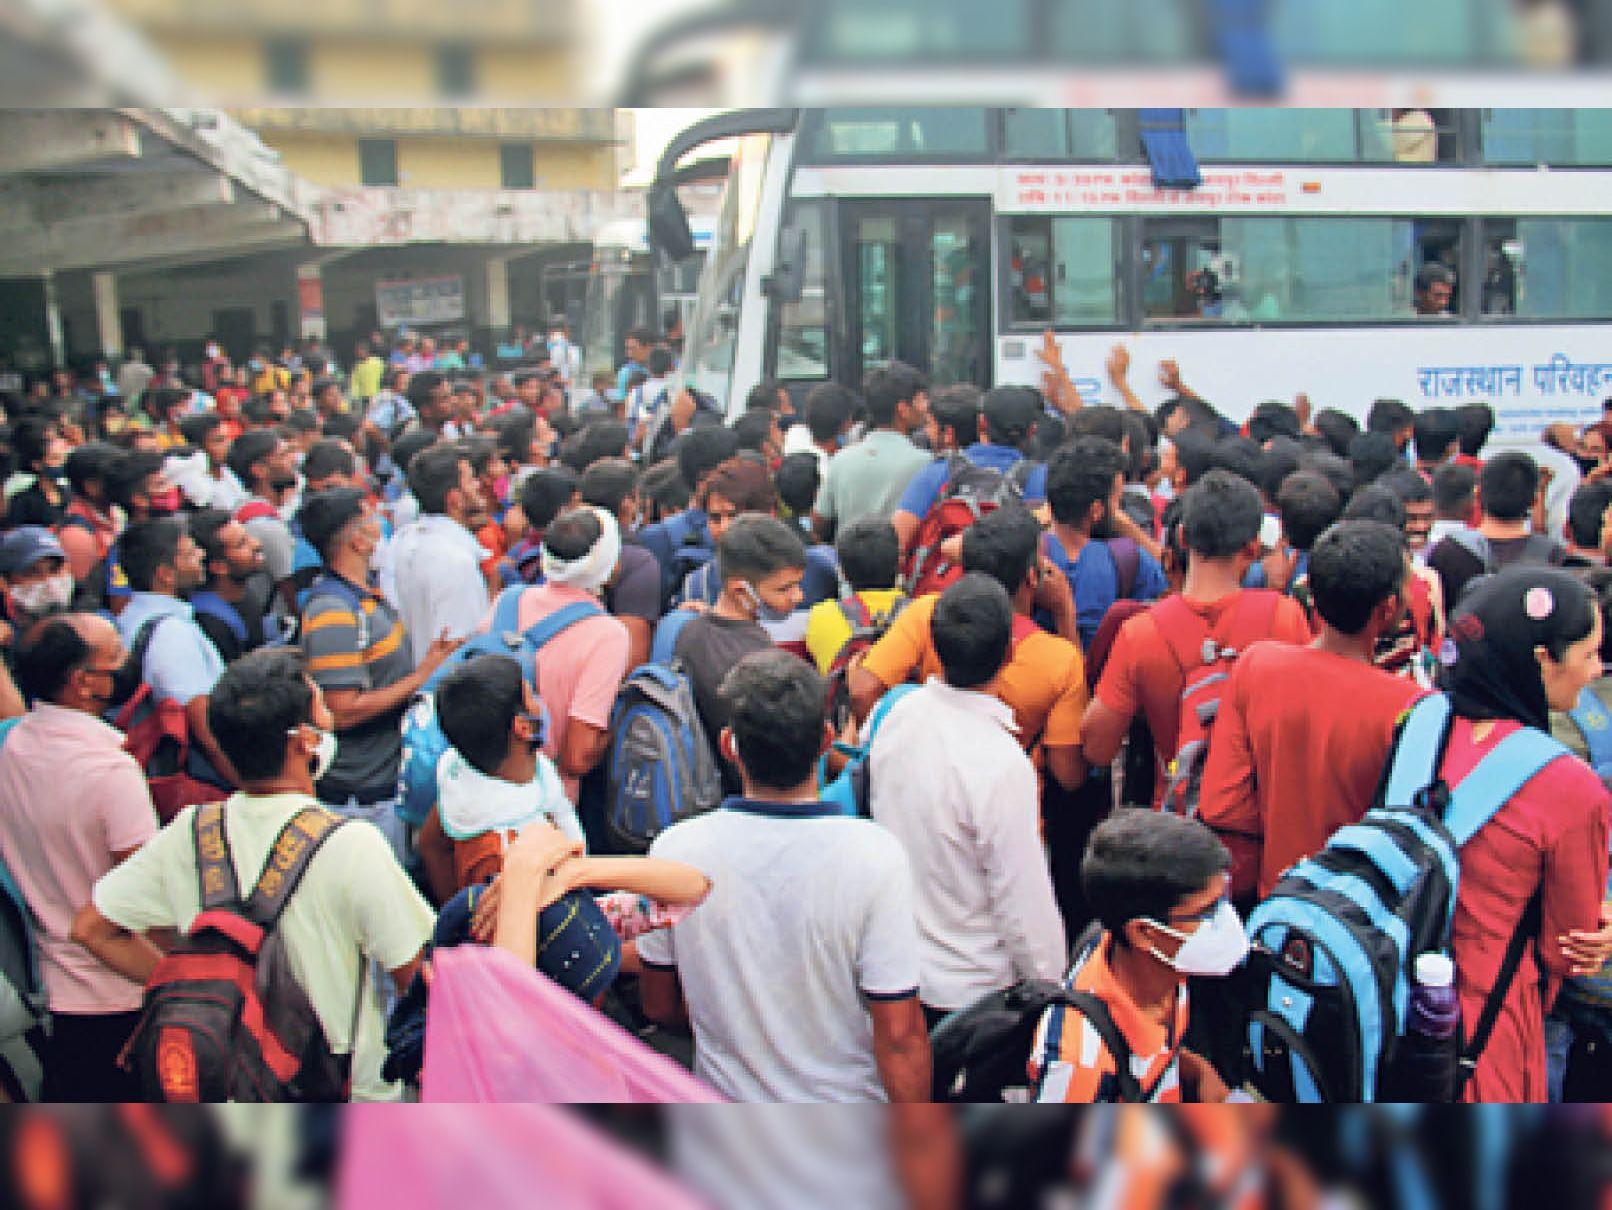 परीक्षा के बाद नयापुरा बस स्टैंड पर उमड़ी परीक्षार्थियों की भीड़। - Dainik Bhaskar